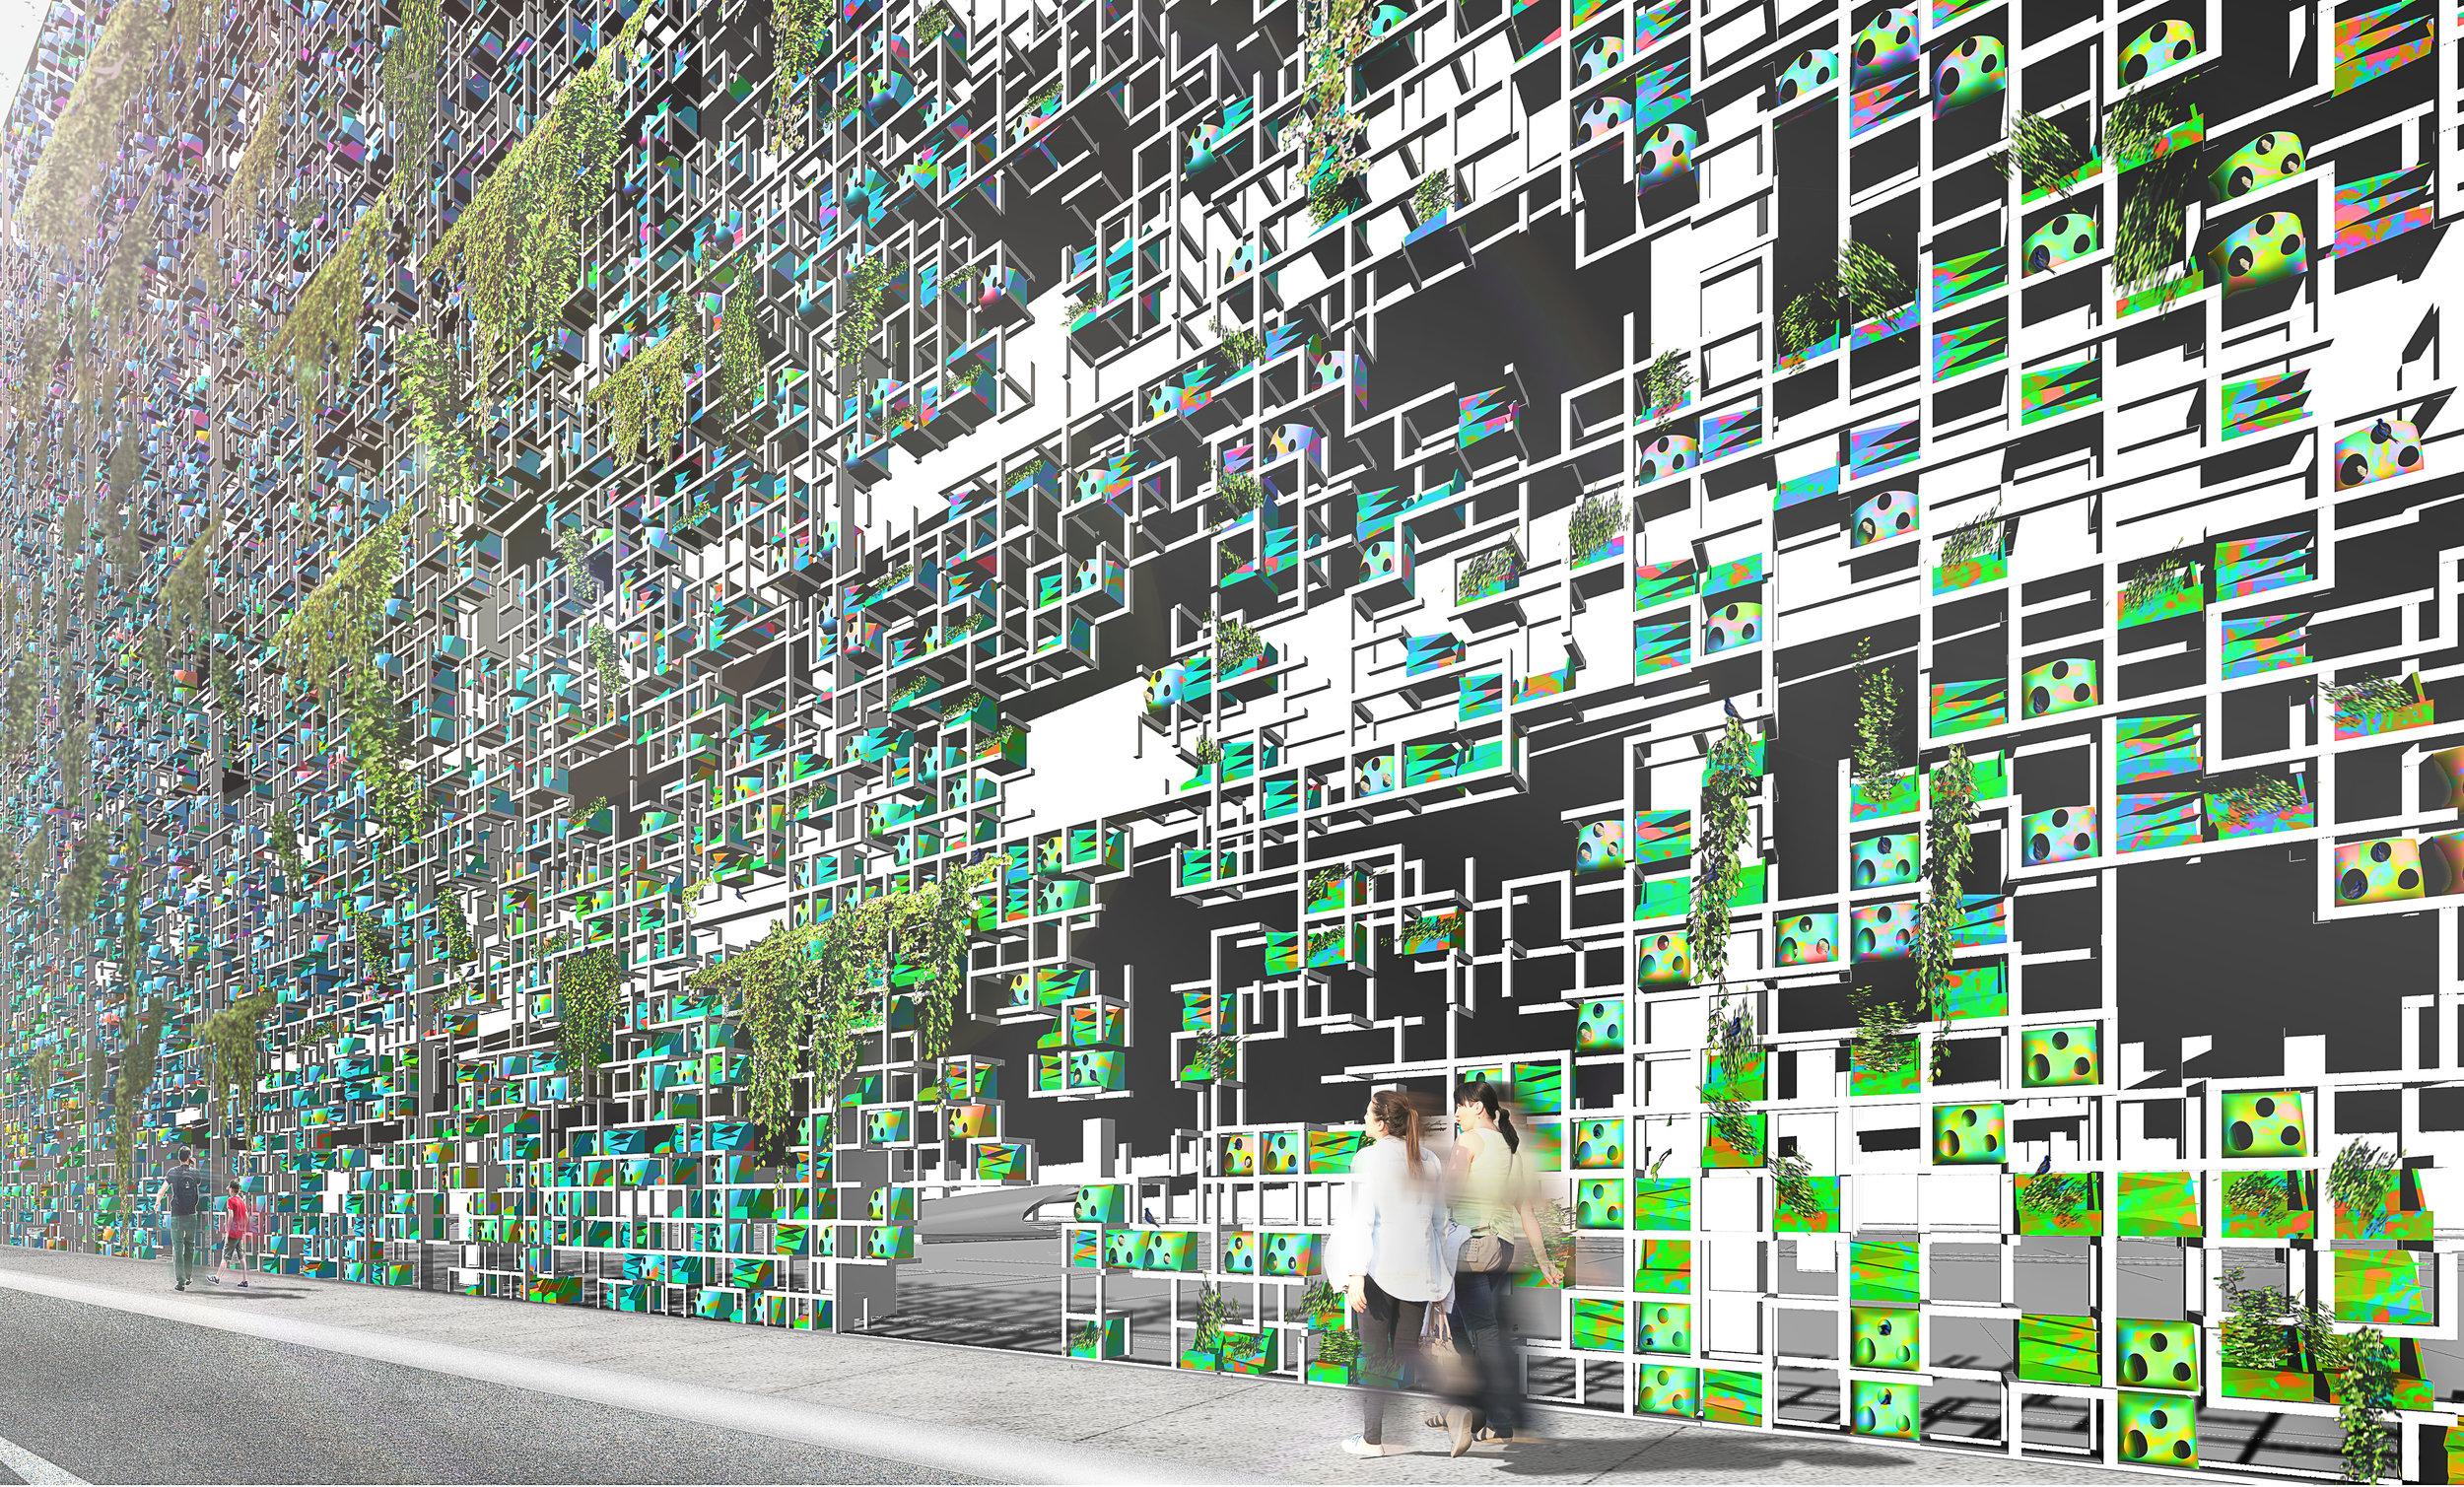 Hypernatural-StreetRendering2.jpg